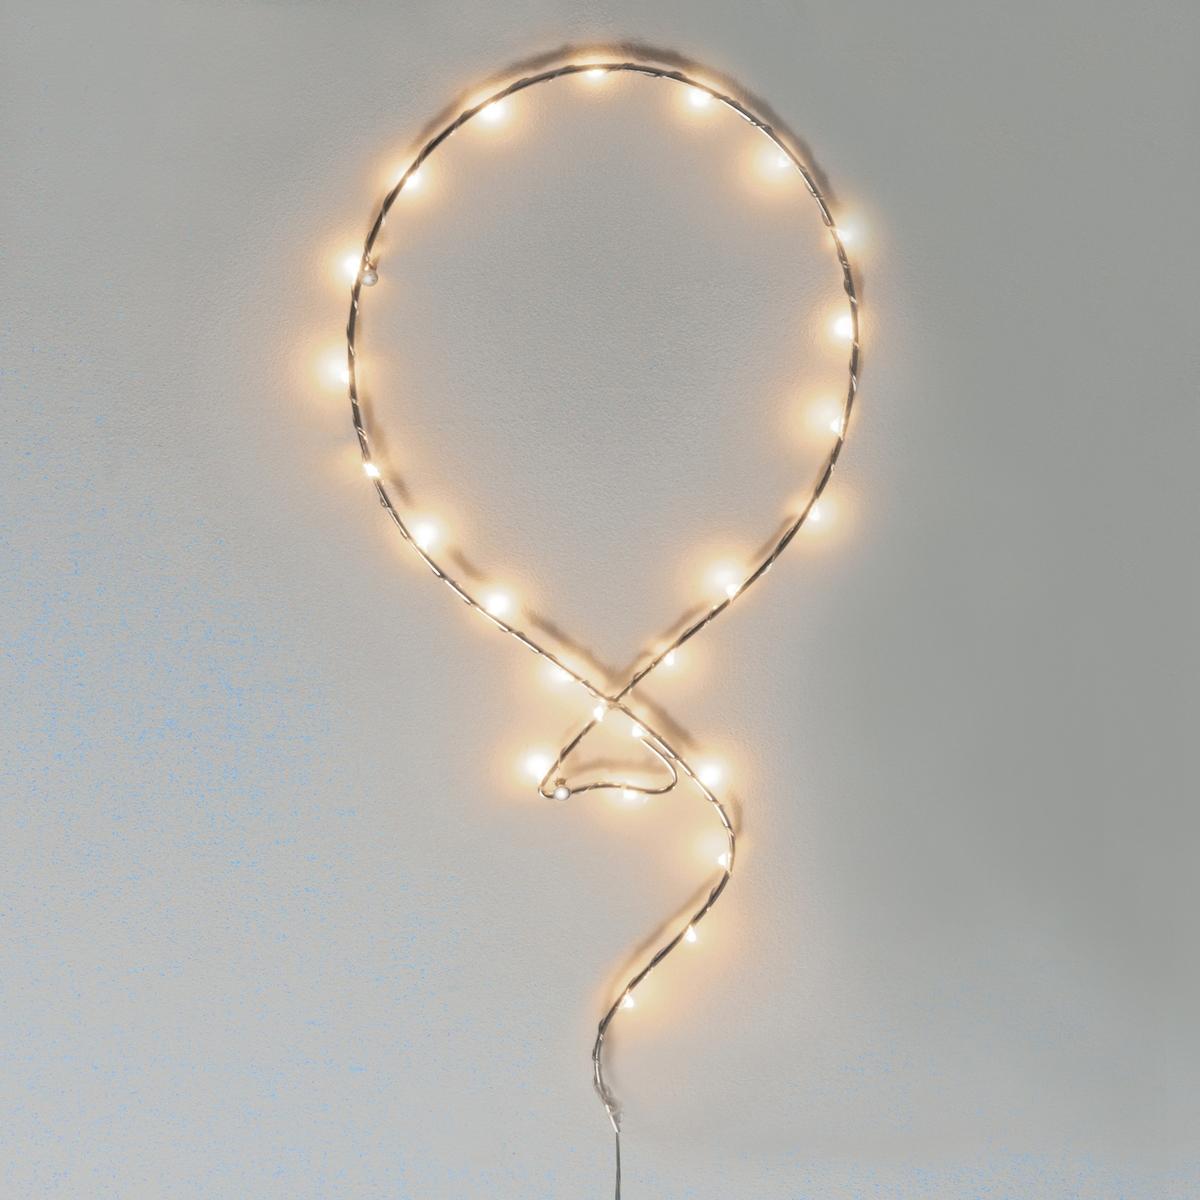 Шар светящийся BumbumСветящееся настенное украшение Bumbum. Подходит для современного интерьера, украшение придаст оригинальности вашему декору благодаря рассеянному освещению.Описание настенного украшения Bumbum :Настенный светильник с миниатюрными светодиодами.25 несменных миниатюрных светодиодовРаботает от трансформатора 3 В (в комплекте).Электрический провод 3 м. Характеристики настенного украшения Bumbum :Из металла с хромированным покрытием.Использовать только внутри помещения . Размеры настенного украшения Bumbum :Высота 54 см, длина 20 см.Размеры и вес посылки: 1 посылкаШ.51 x Г.22 x В.6 см.0,7 кг<br><br>Цвет: темно-серый